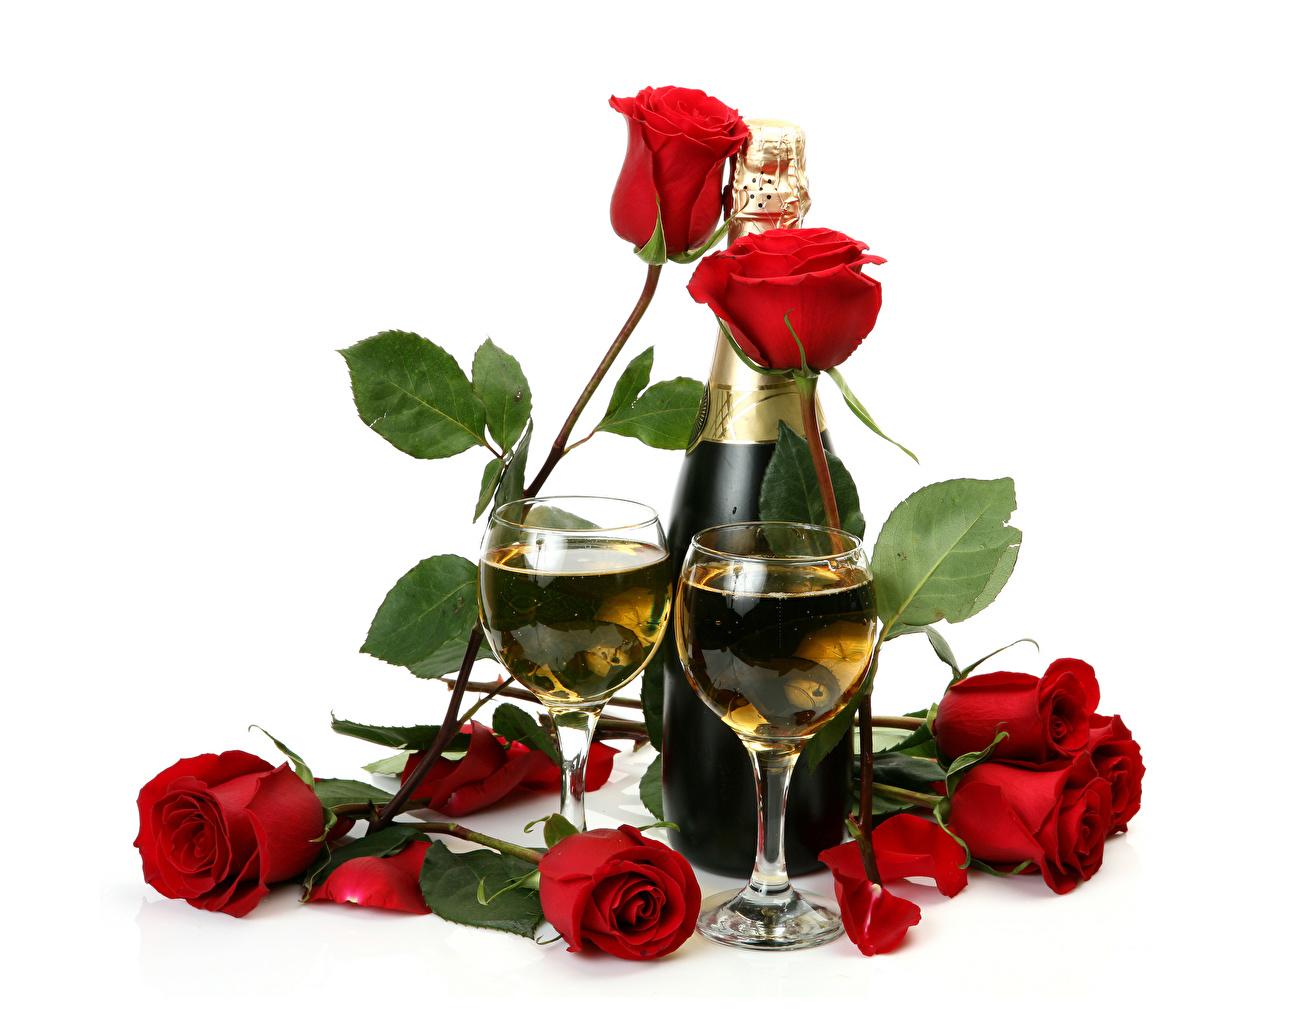 Картинка 2 Розы Красный Шампанское Цветы Пища Бокалы Бутылка Белый фон Праздники Двое вдвоем Игристое вино Еда Продукты питания